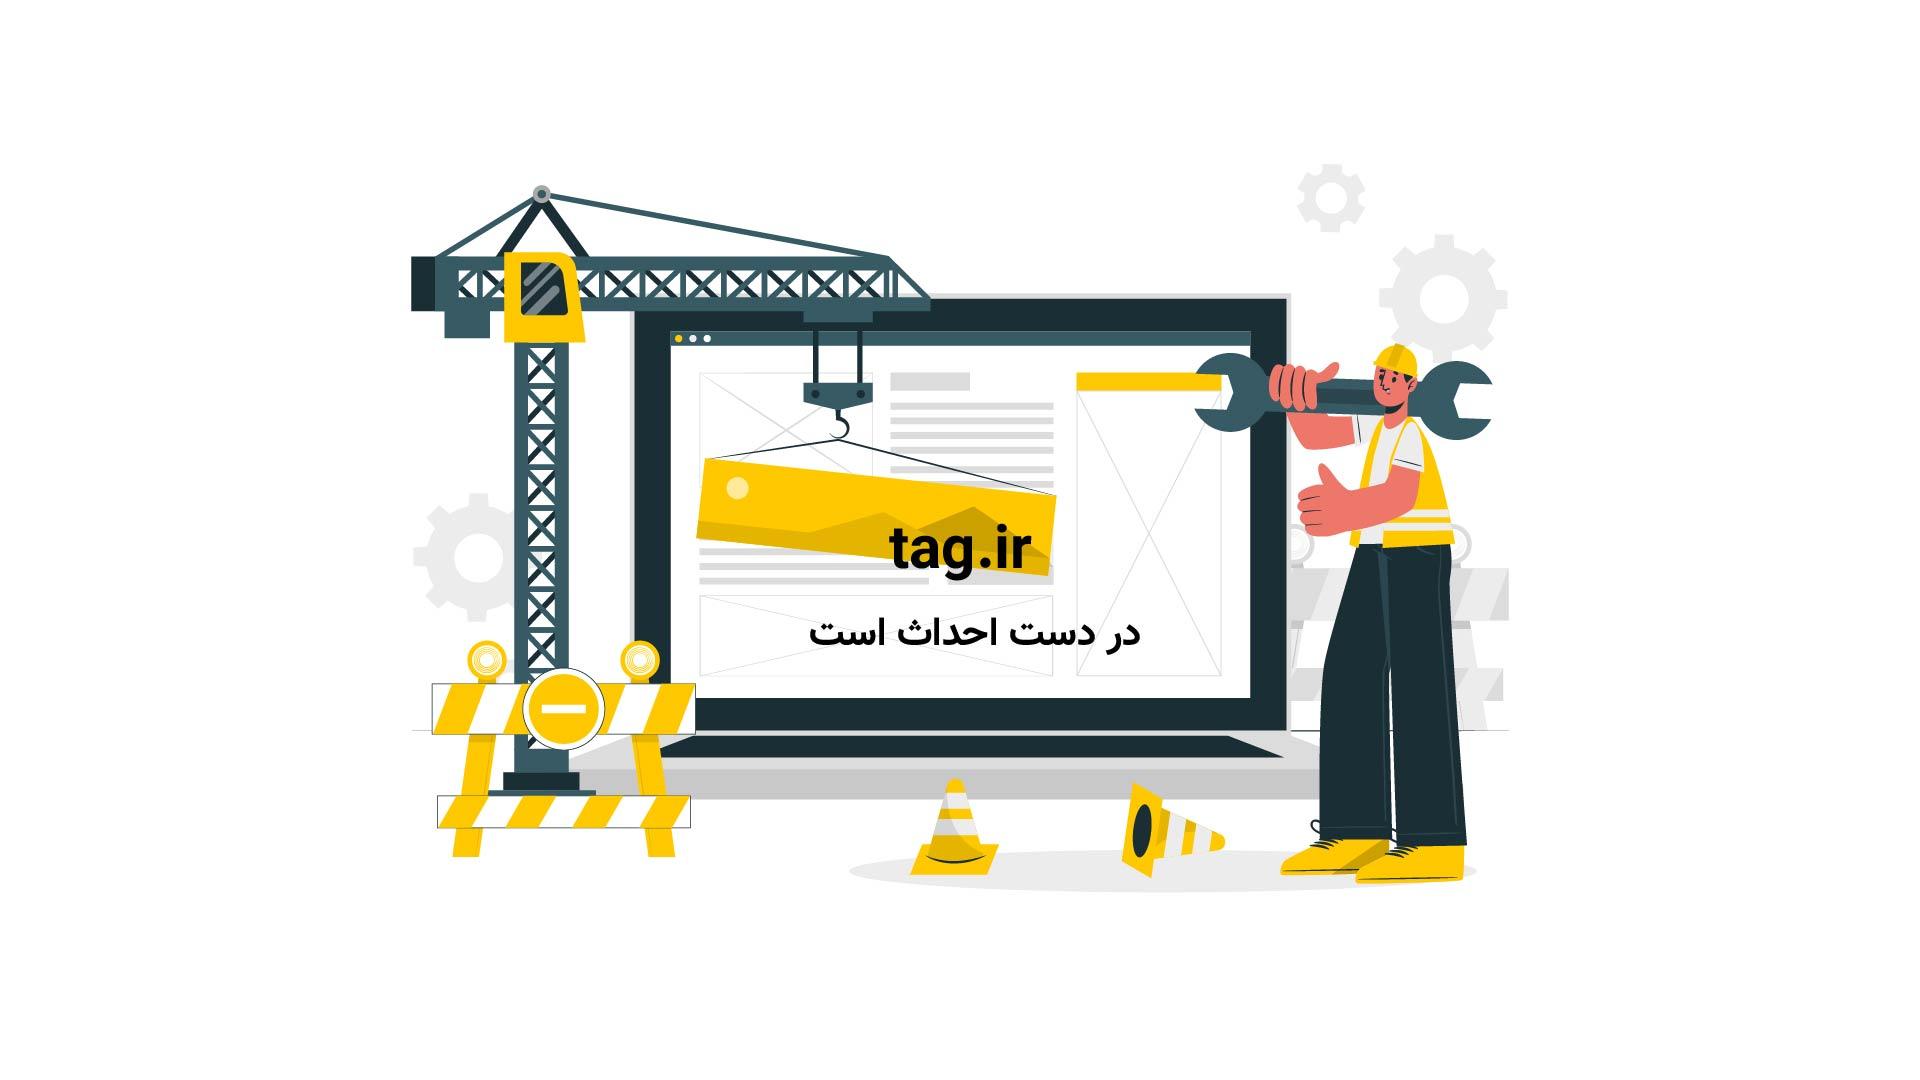 استندآپ نجات محمد حسن دژاهنگ در مرحله اول خنداننده شو | فیلم